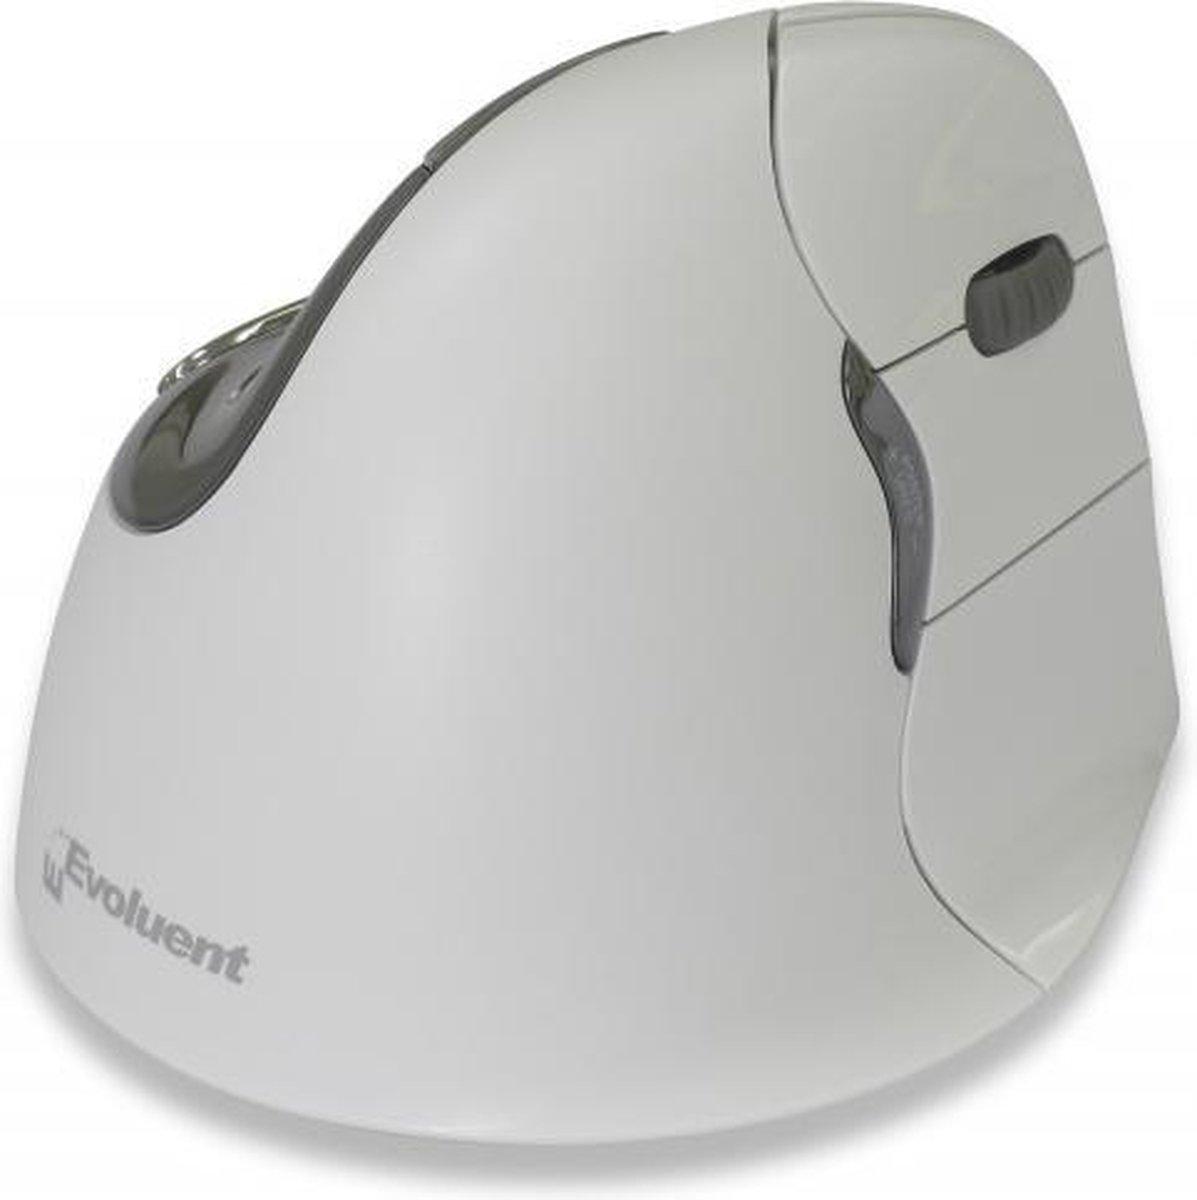 Evoluent Evoluent4 Bluetooth Optisch 2600DPI Rechtshandig Grijs